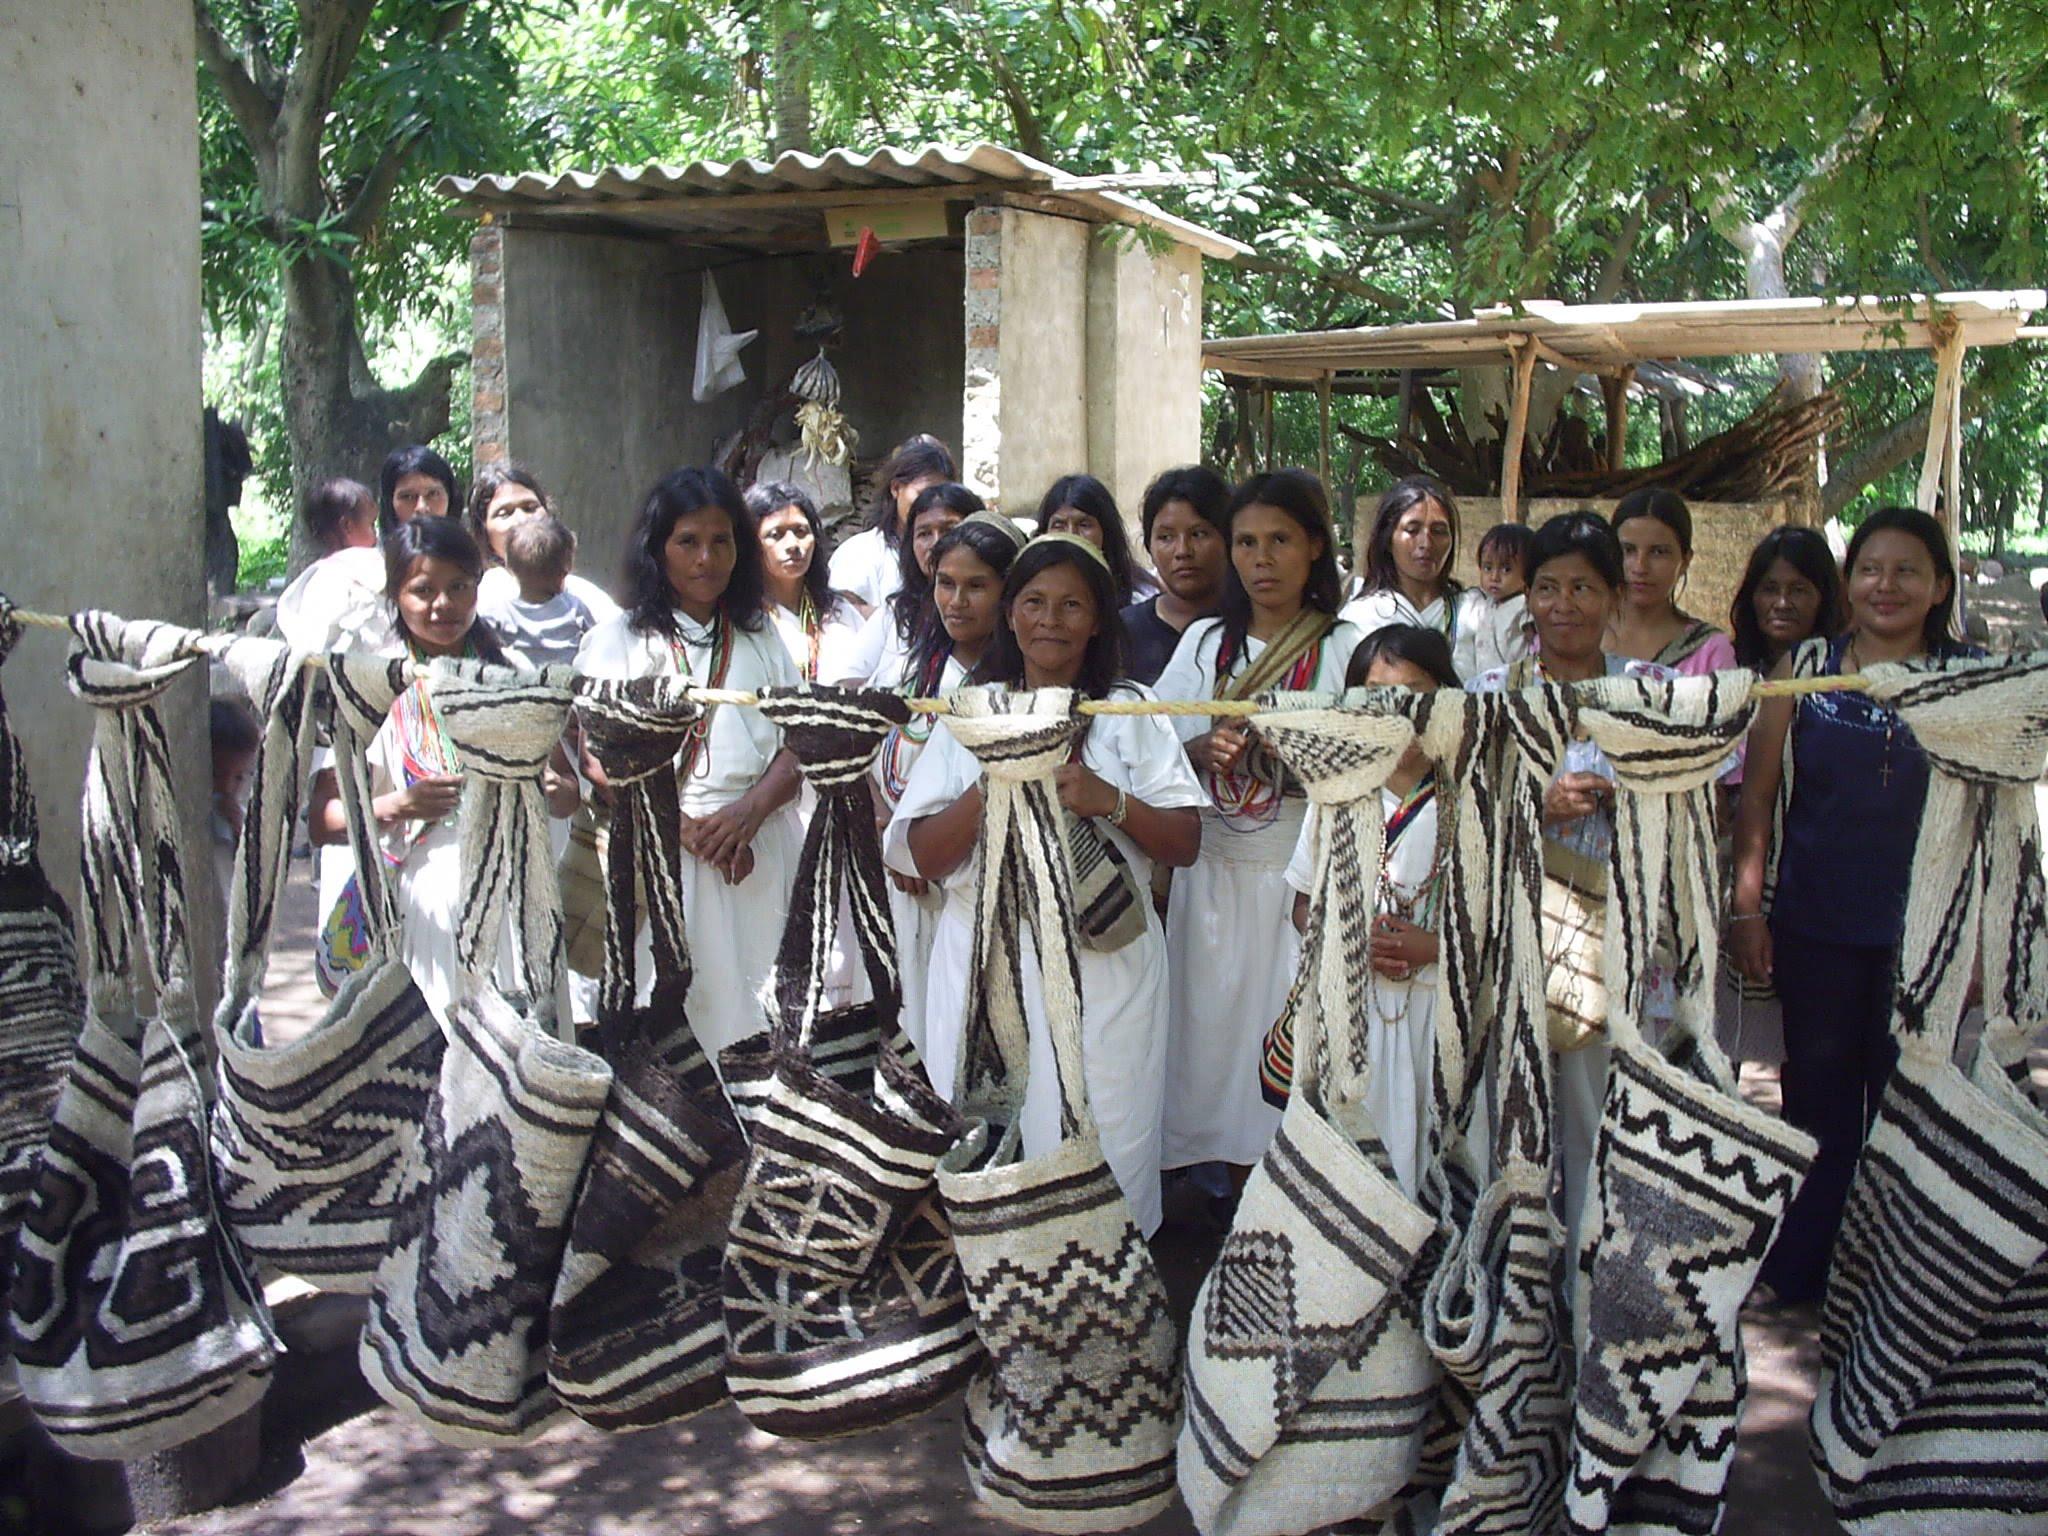 mujeres tejedoras de las Etnias Kankuamas de Atánquez, Wayúu de Manaure y Arhuacas de la comunidad de Jimain.